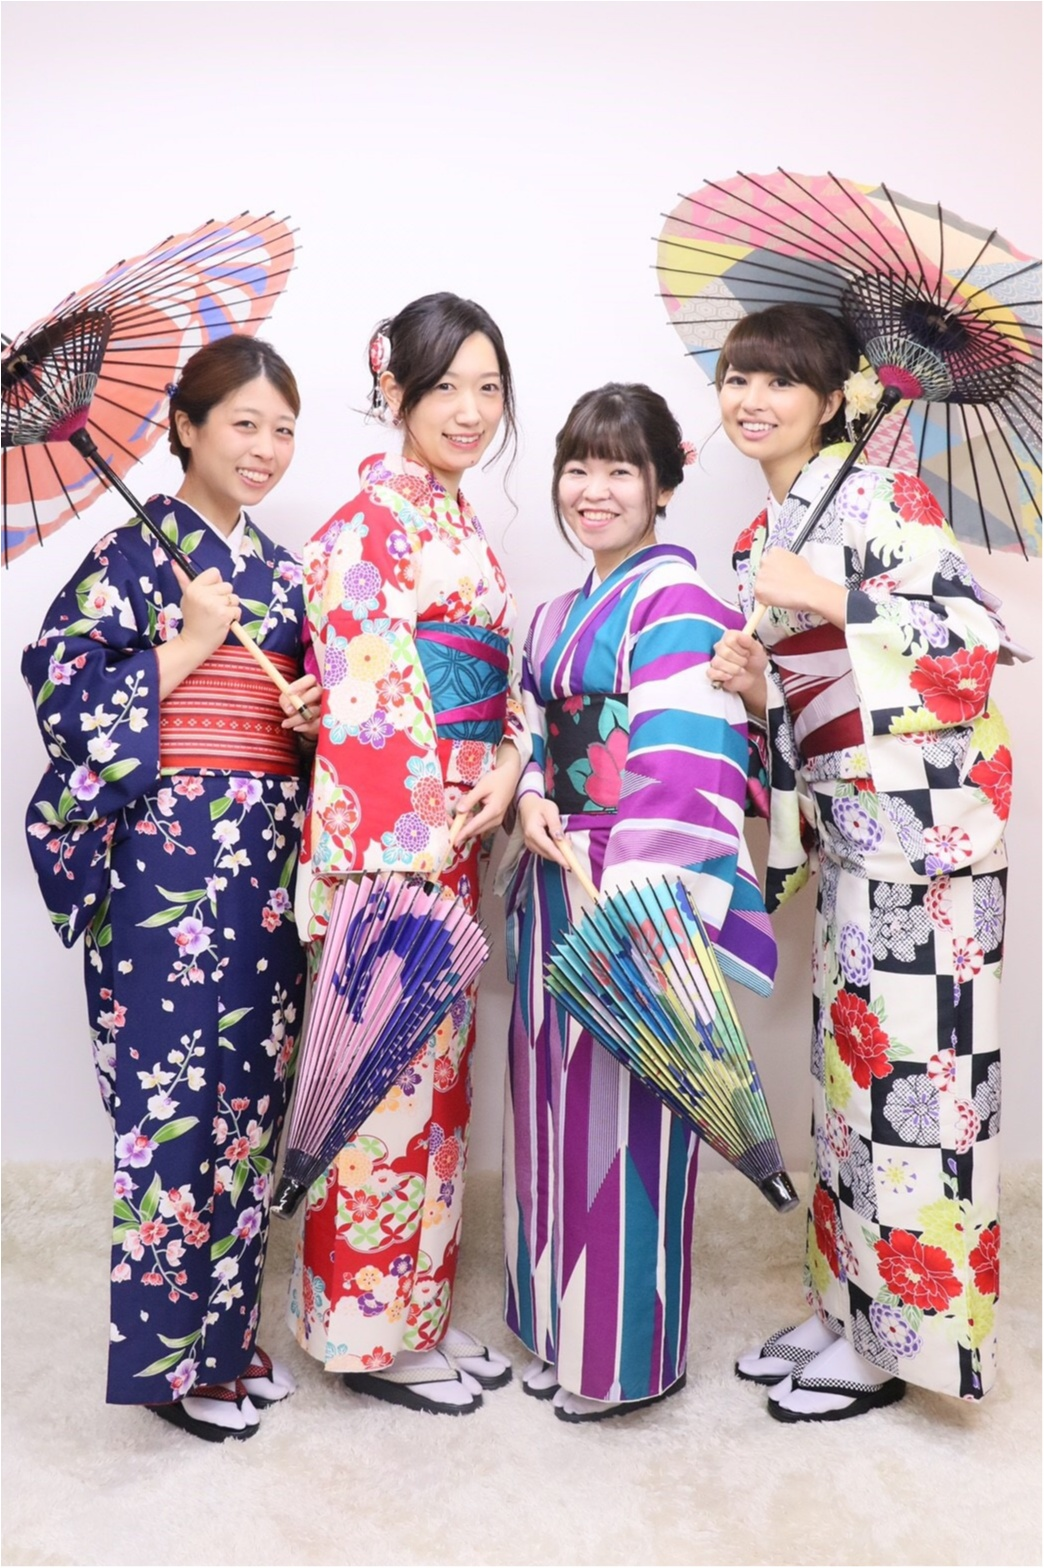 【✨着物レンタルwargo ¥2,900✨】手ぶらでOK!着物を着てお出掛けしよう❤︎鎌倉の「報国寺の竹林」「浄妙寺」「小町通り」を散歩しました♩≪samenyan≫_10